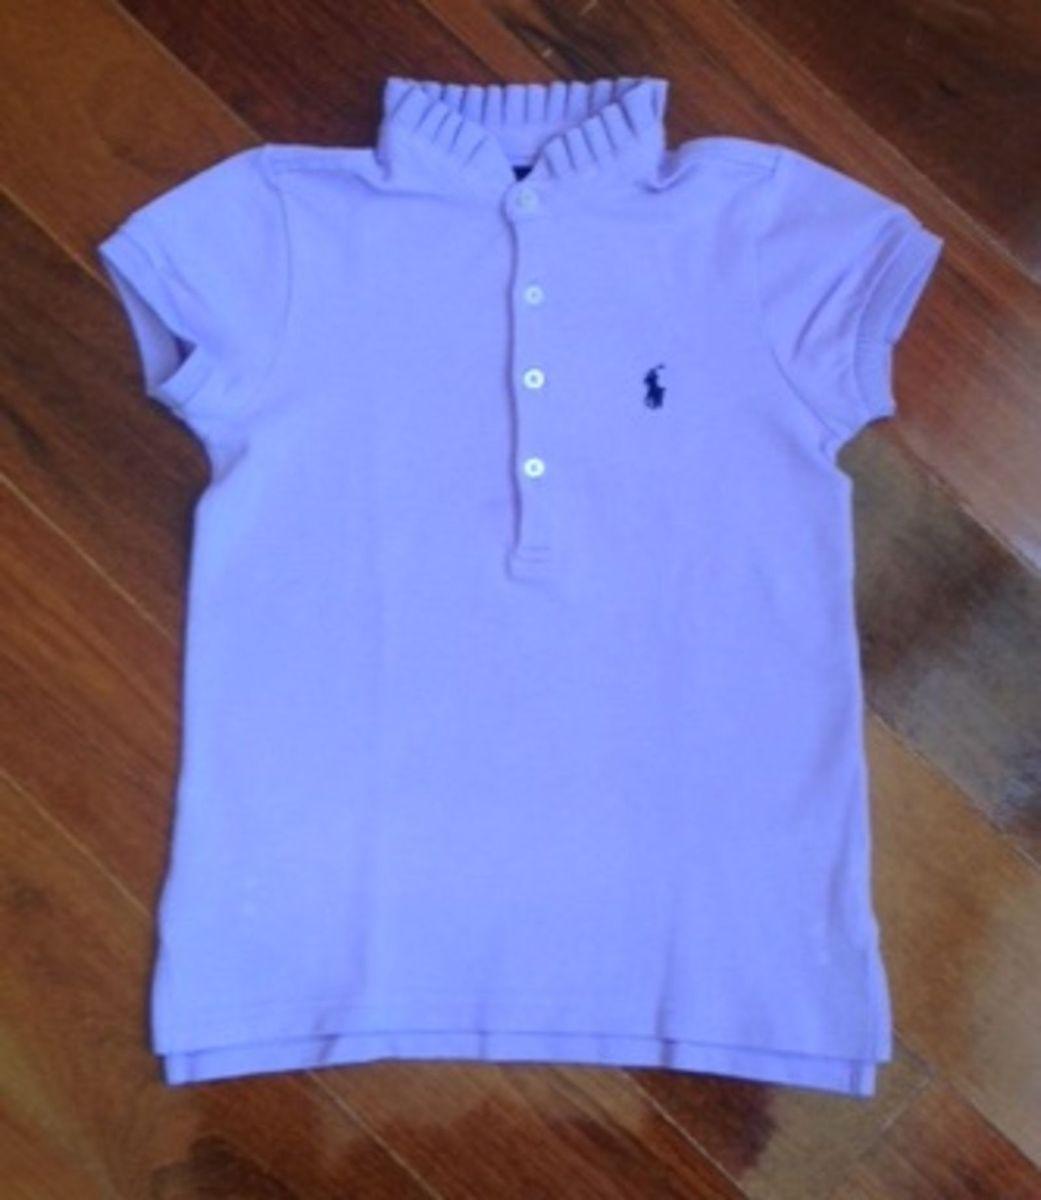 camisa polo ralph lauren - kids - menina ralph lauren 0520a5eb6e2